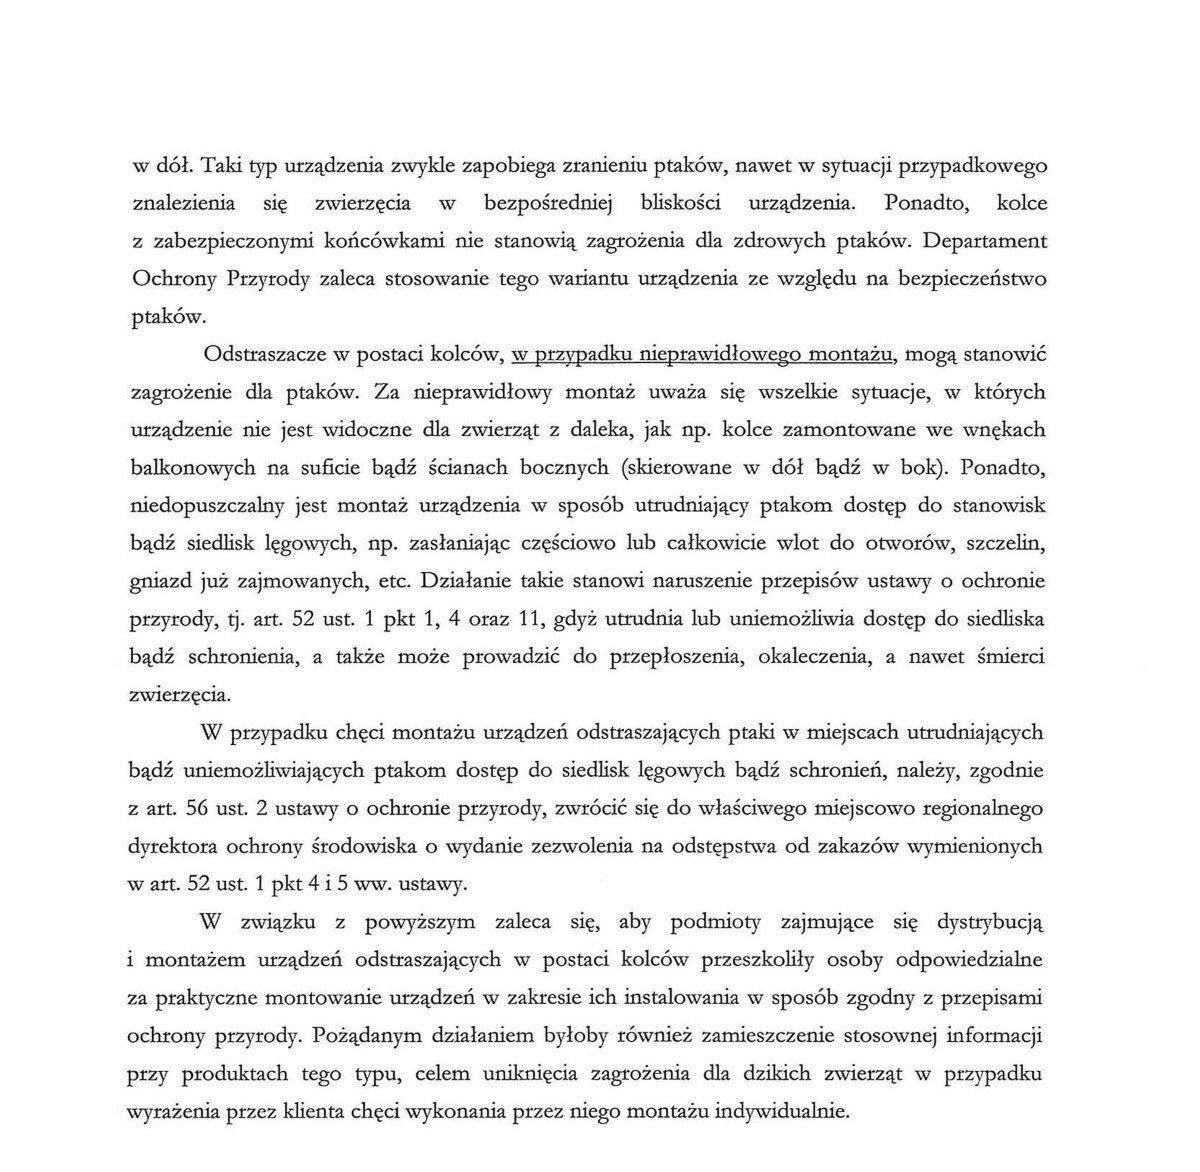 Pismo Generalnego Dyrektora Ochrony Środowiska z-index: 0